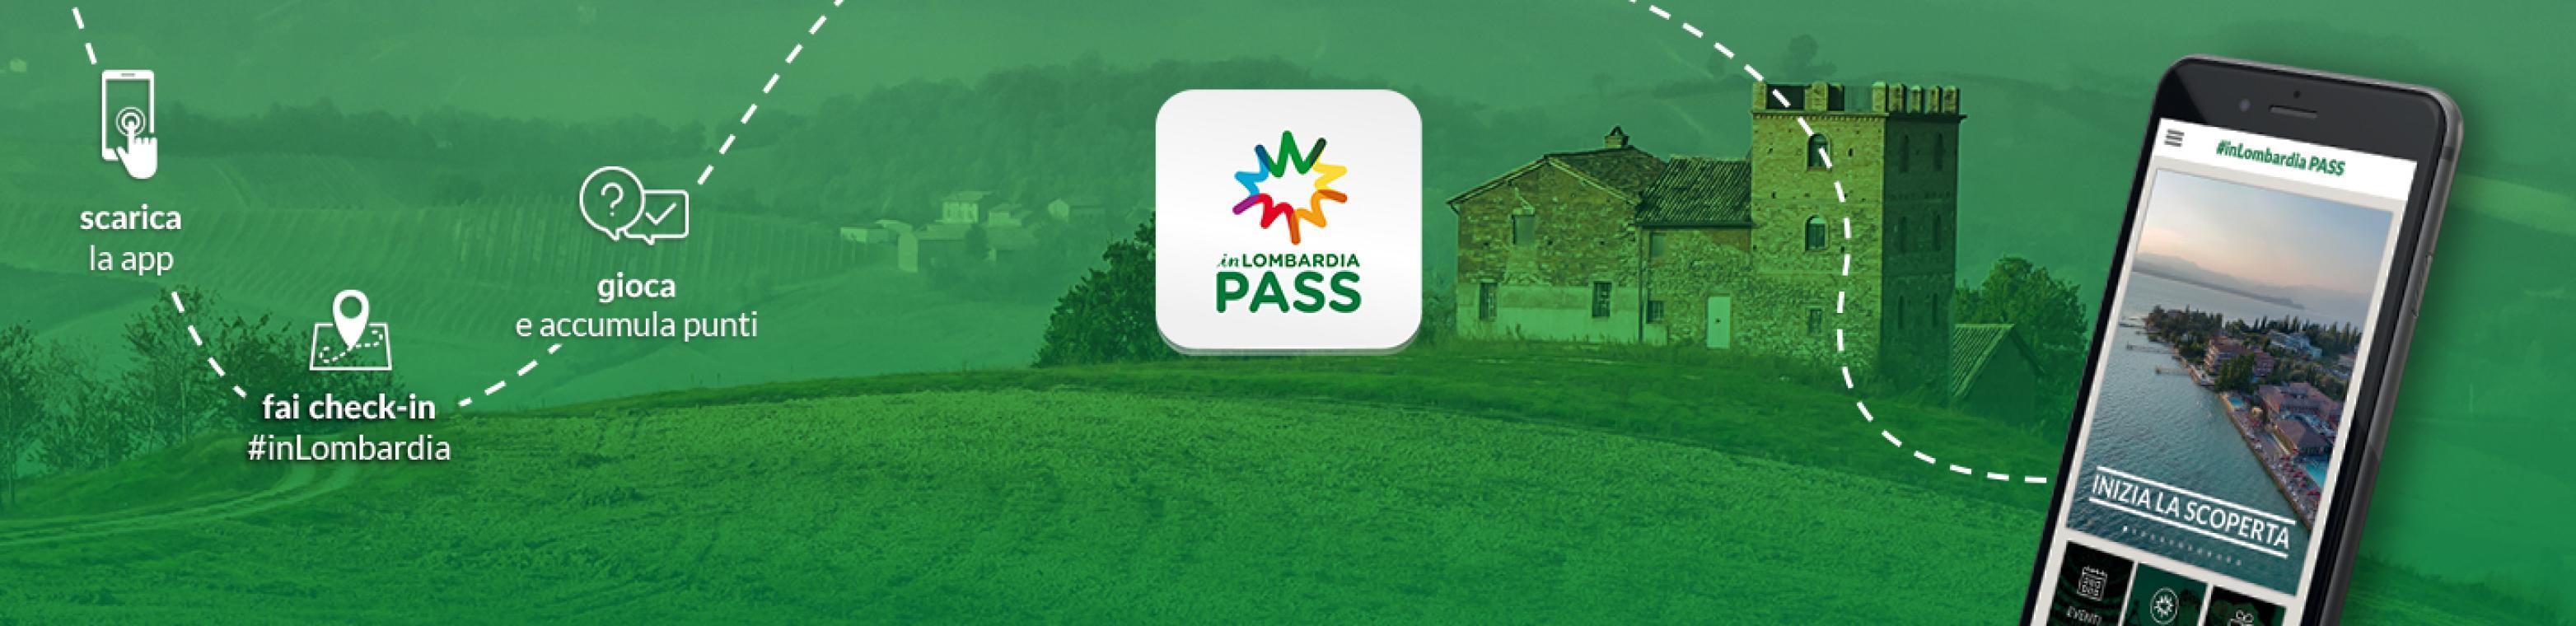 Scarica subito la nuova app #inLombardia PASS!